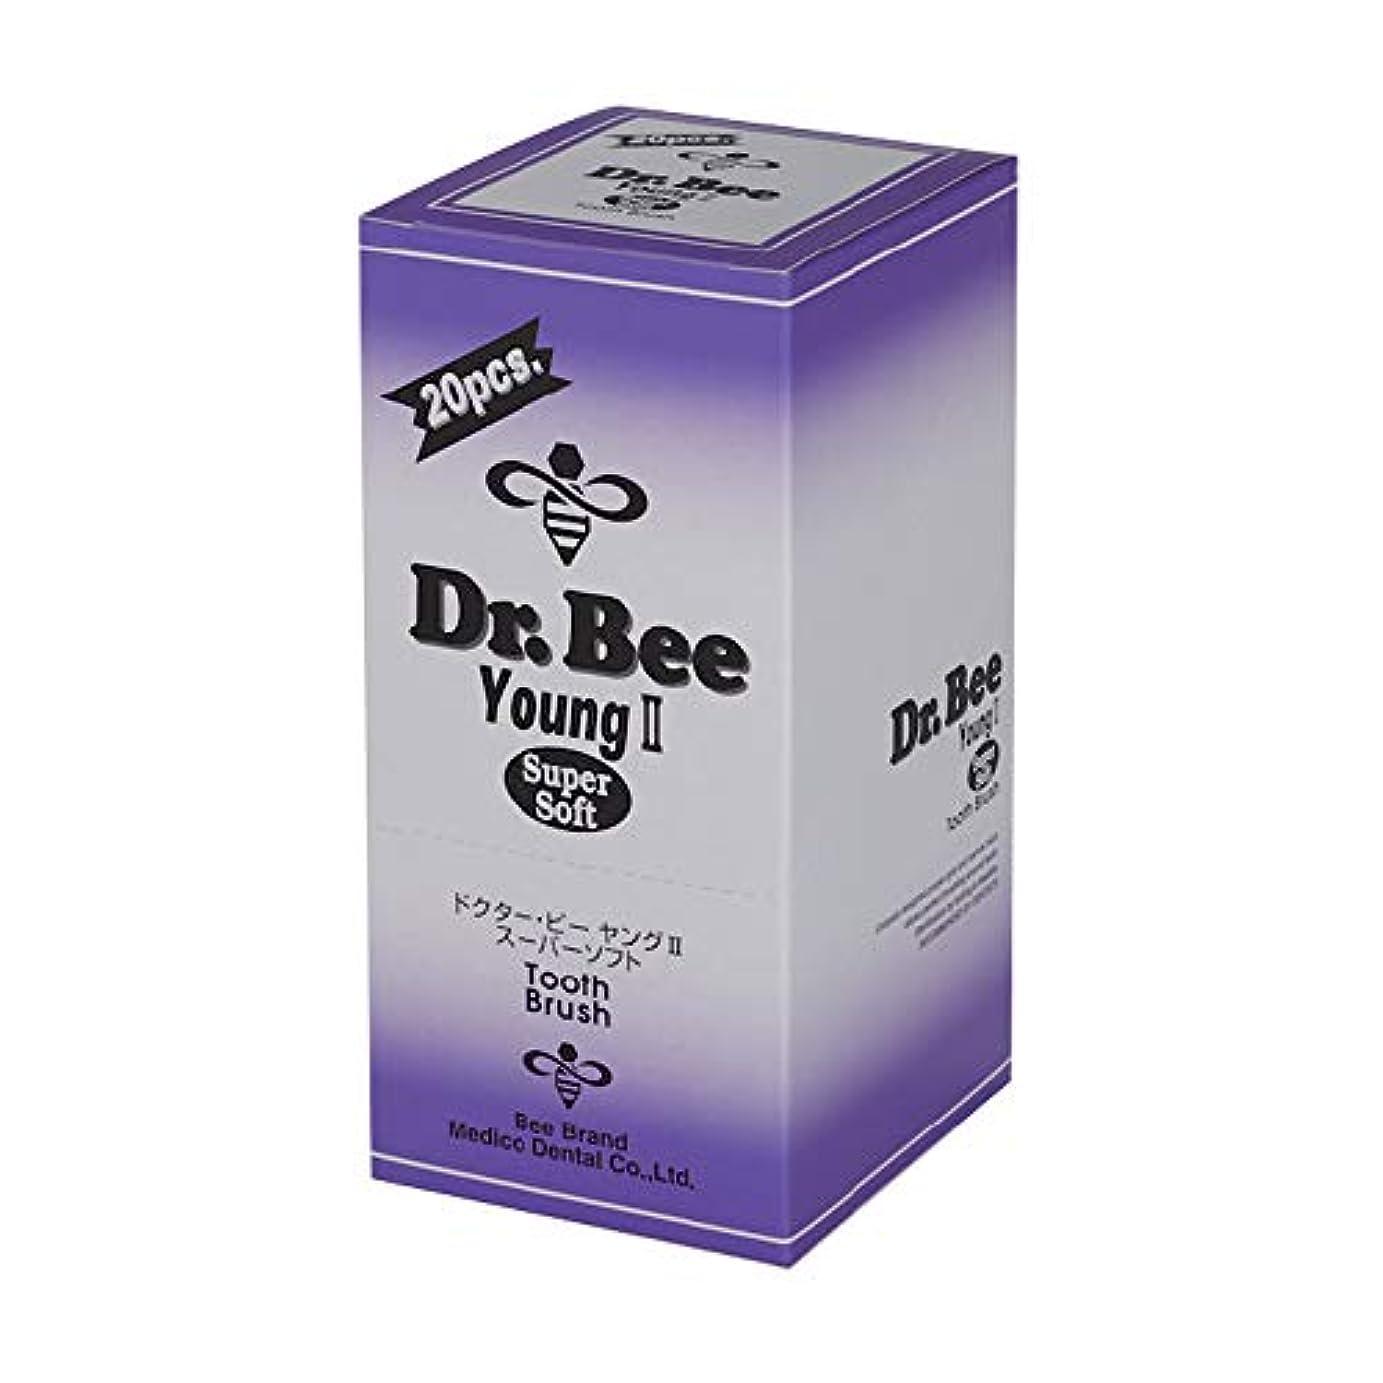 入口所有者賢明なDr.Bee ヤングⅡ スーパーソフト 20本入り